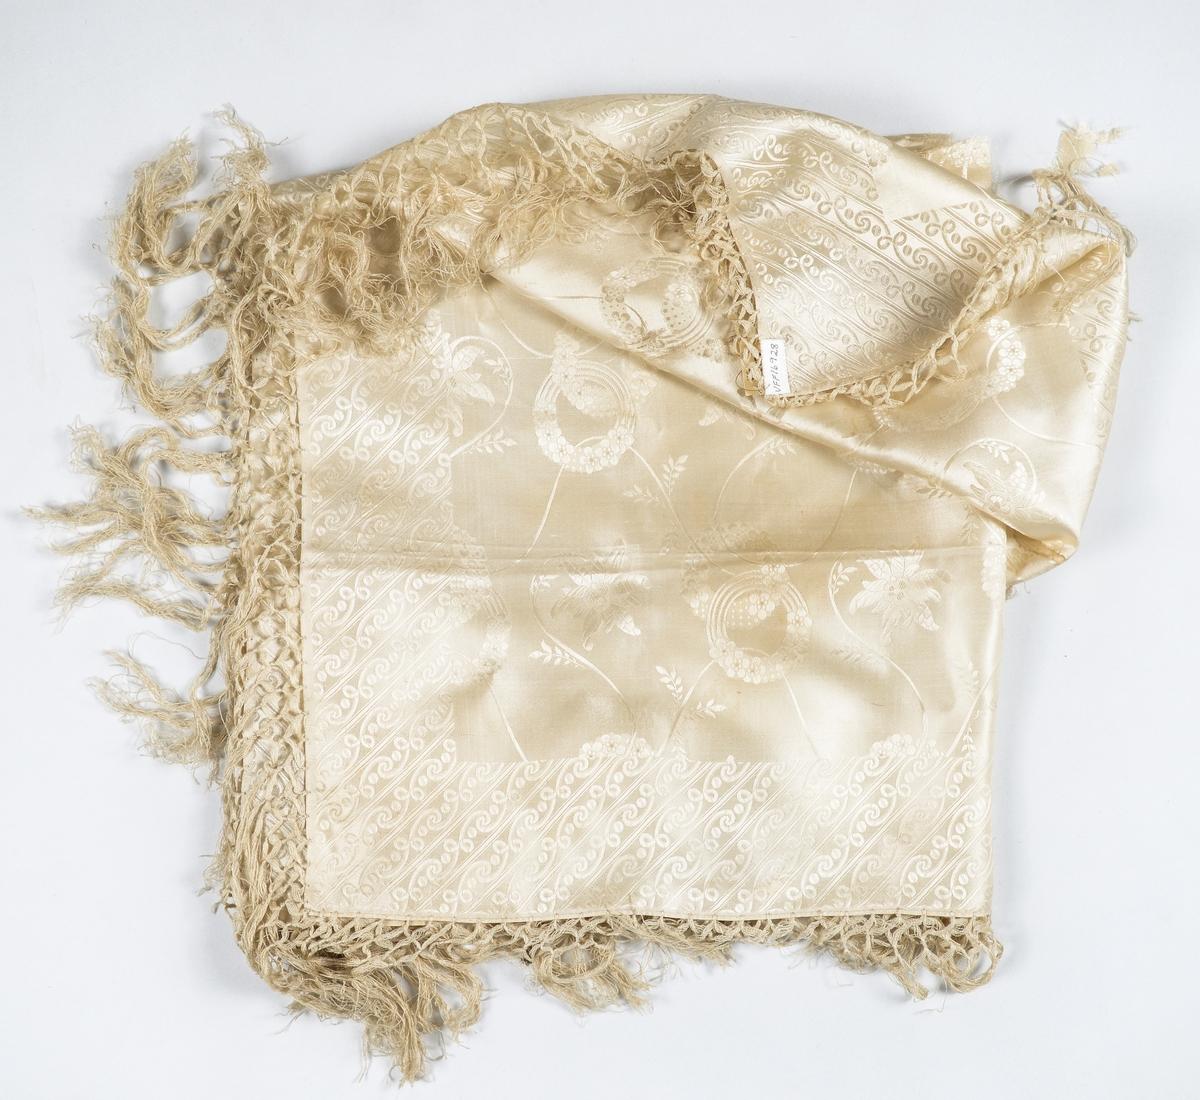 Tørkle i kremgul silkedamask. Påsette frynser langs kantane.